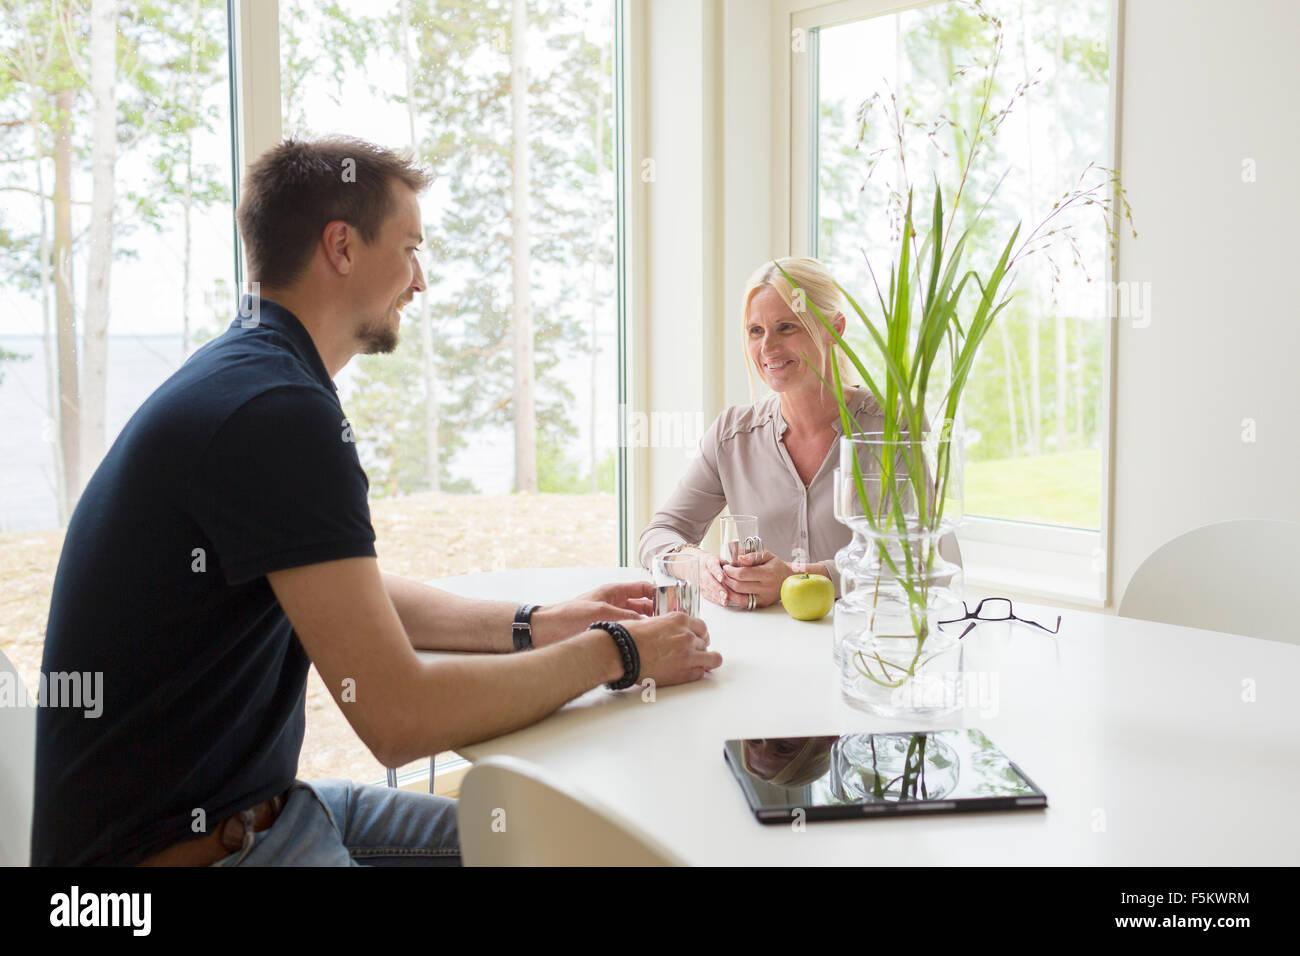 Schweden, Mann und Frau sitzen und trinken zu Hause Stockbild